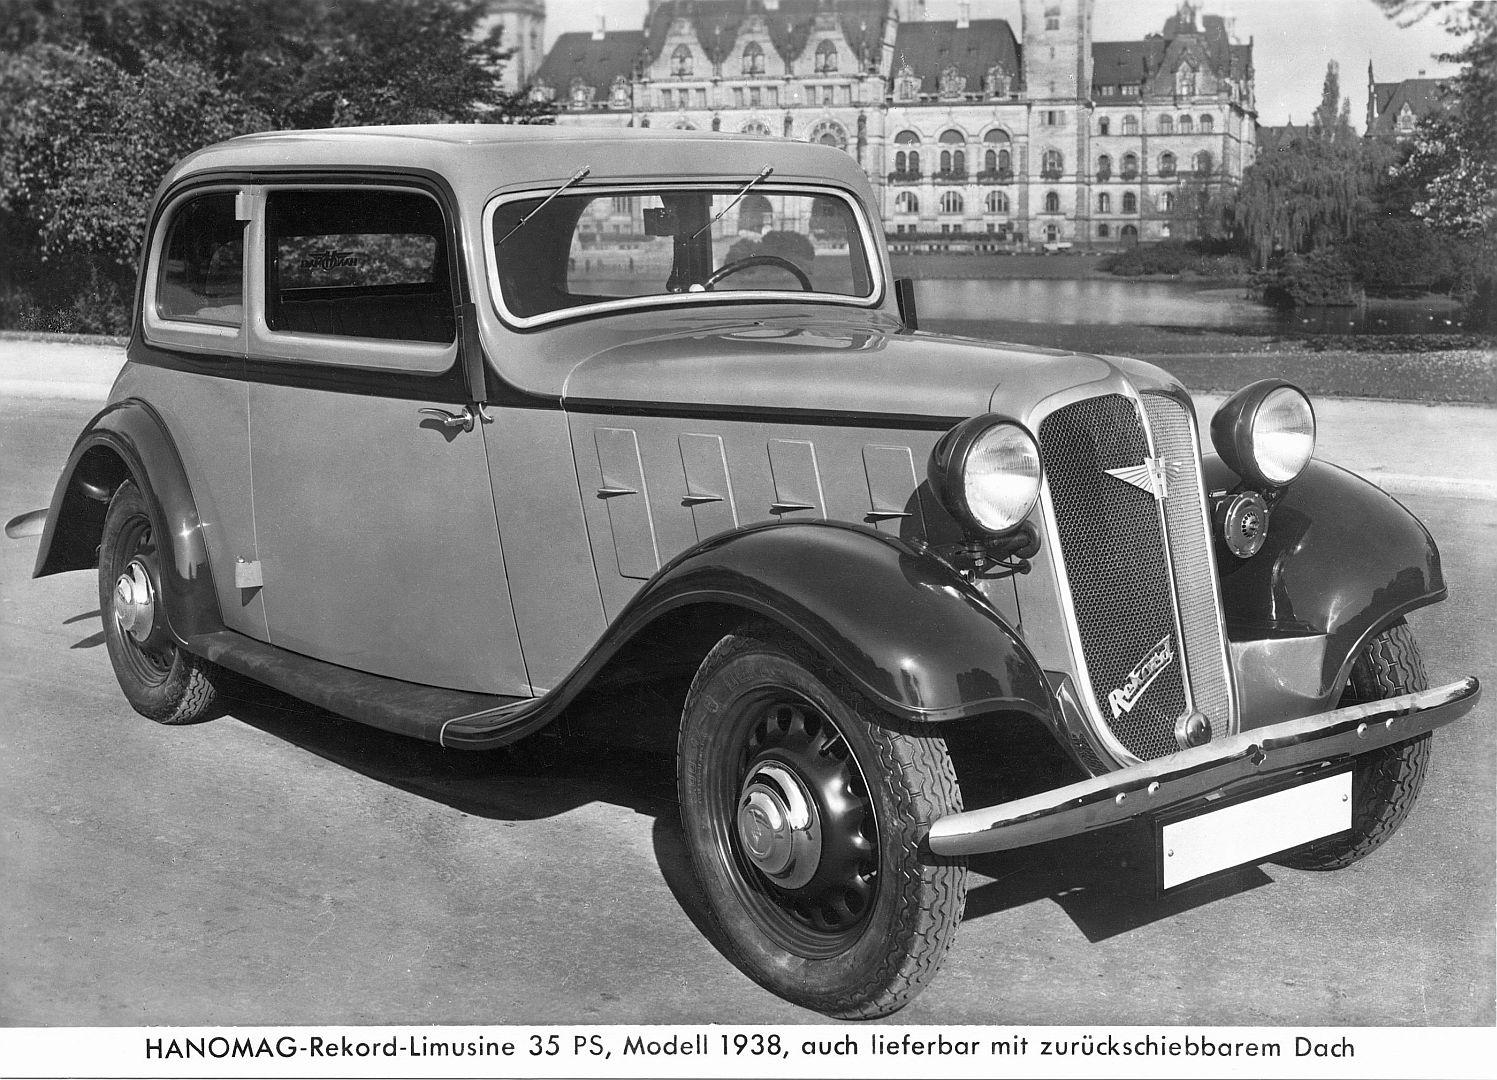 Hanomag_Rekord_1938_Werksfoto_Galerie